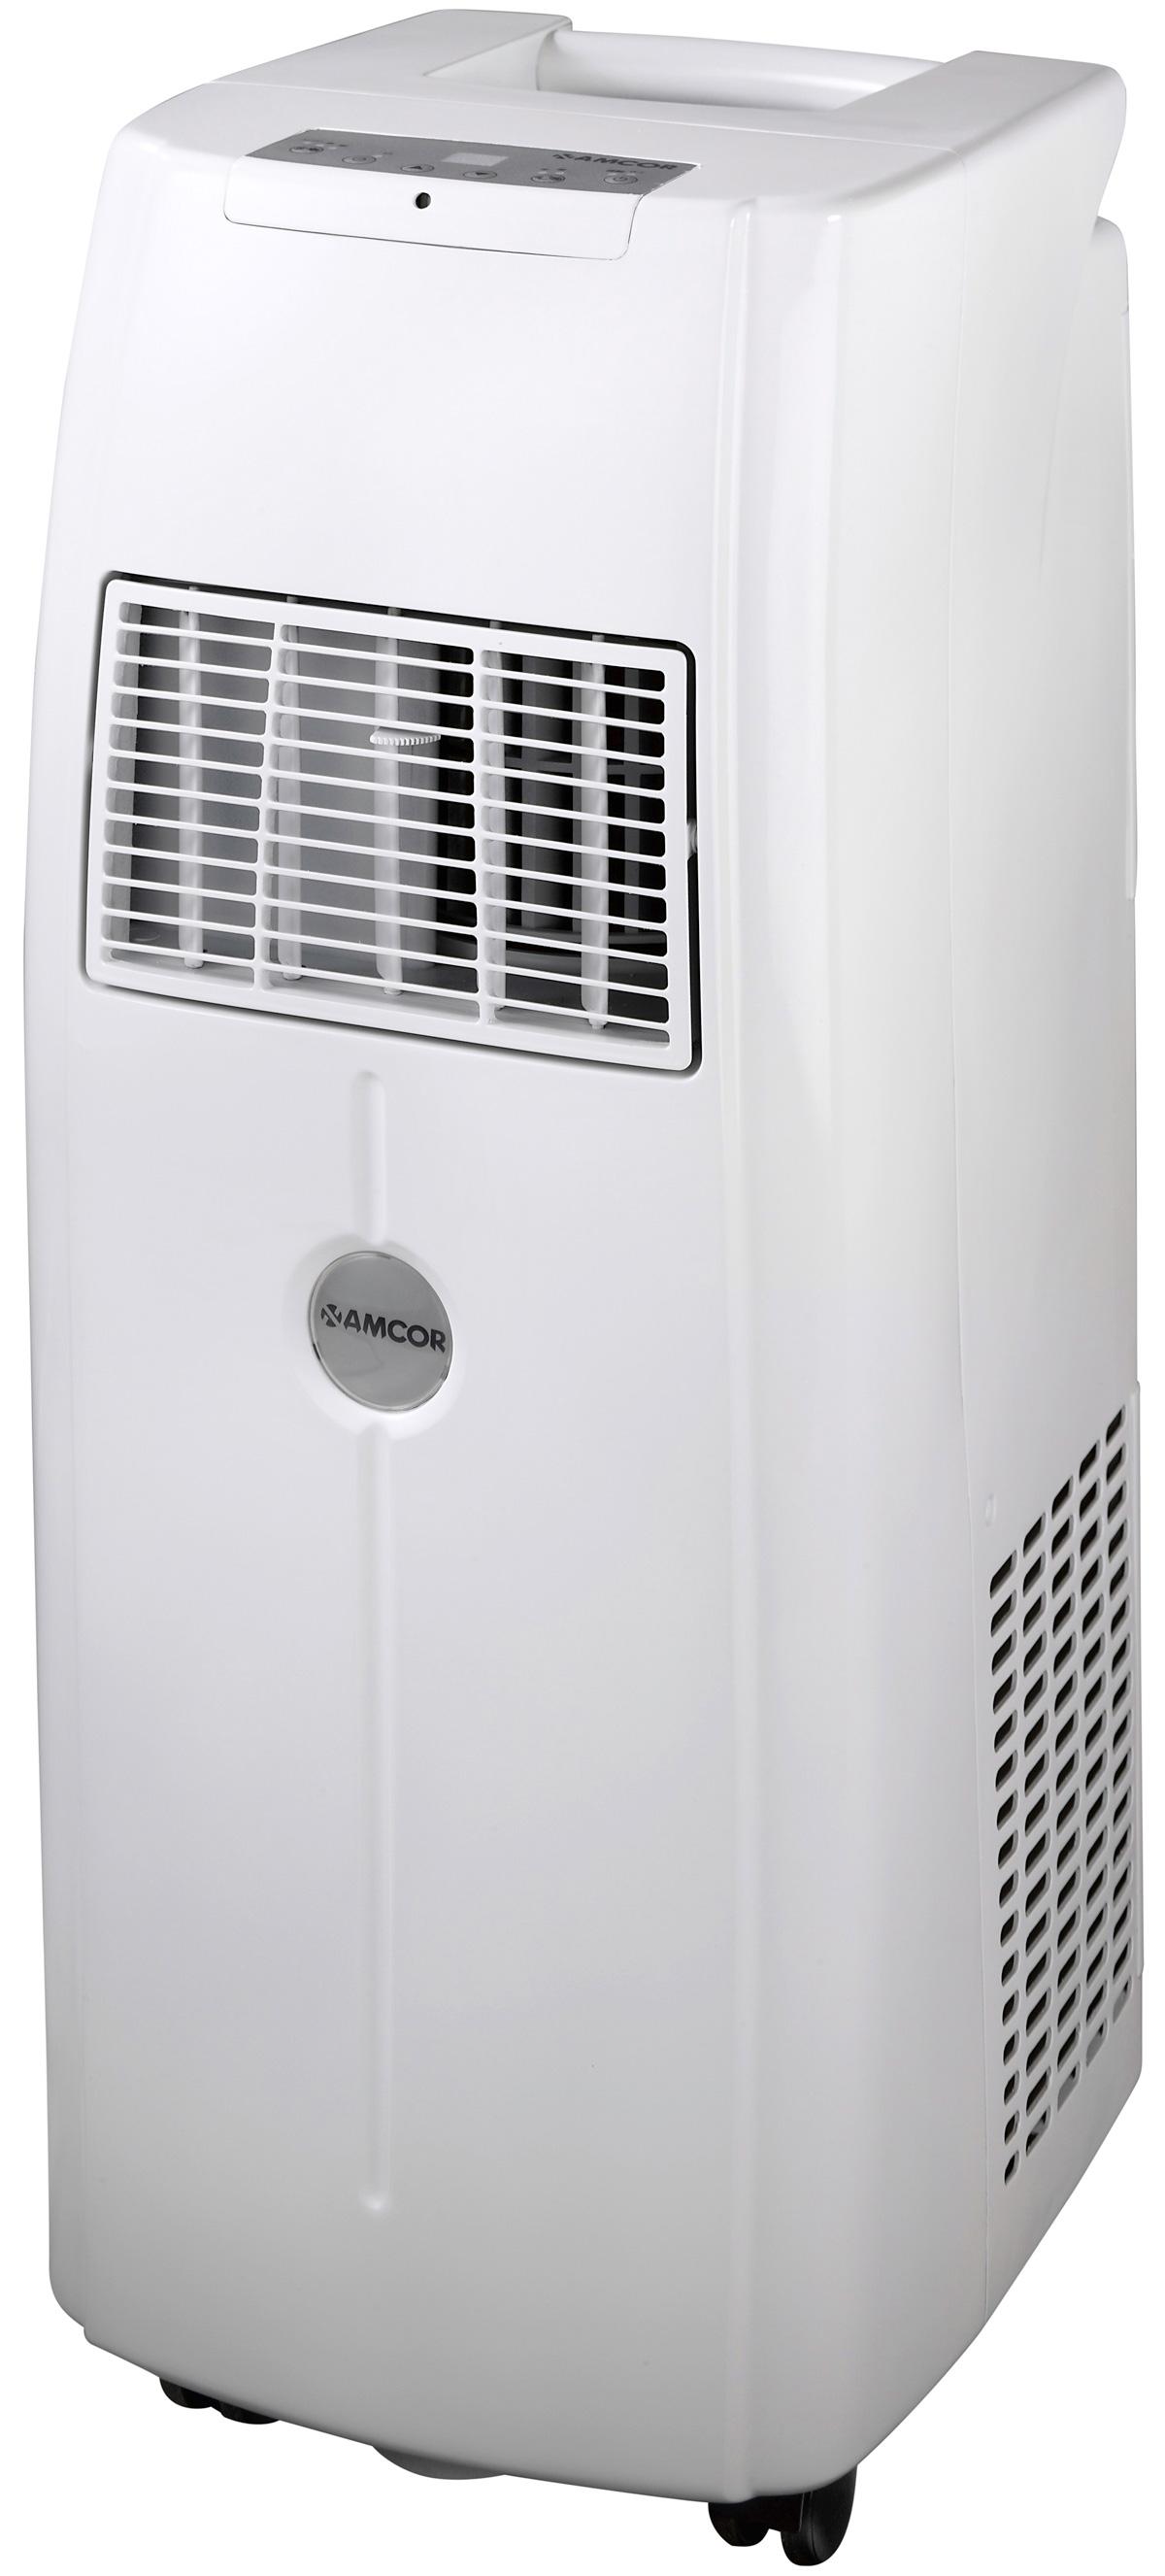 Nanomaxa12000e 12000 Btu Portable Air Conditioner Amcor